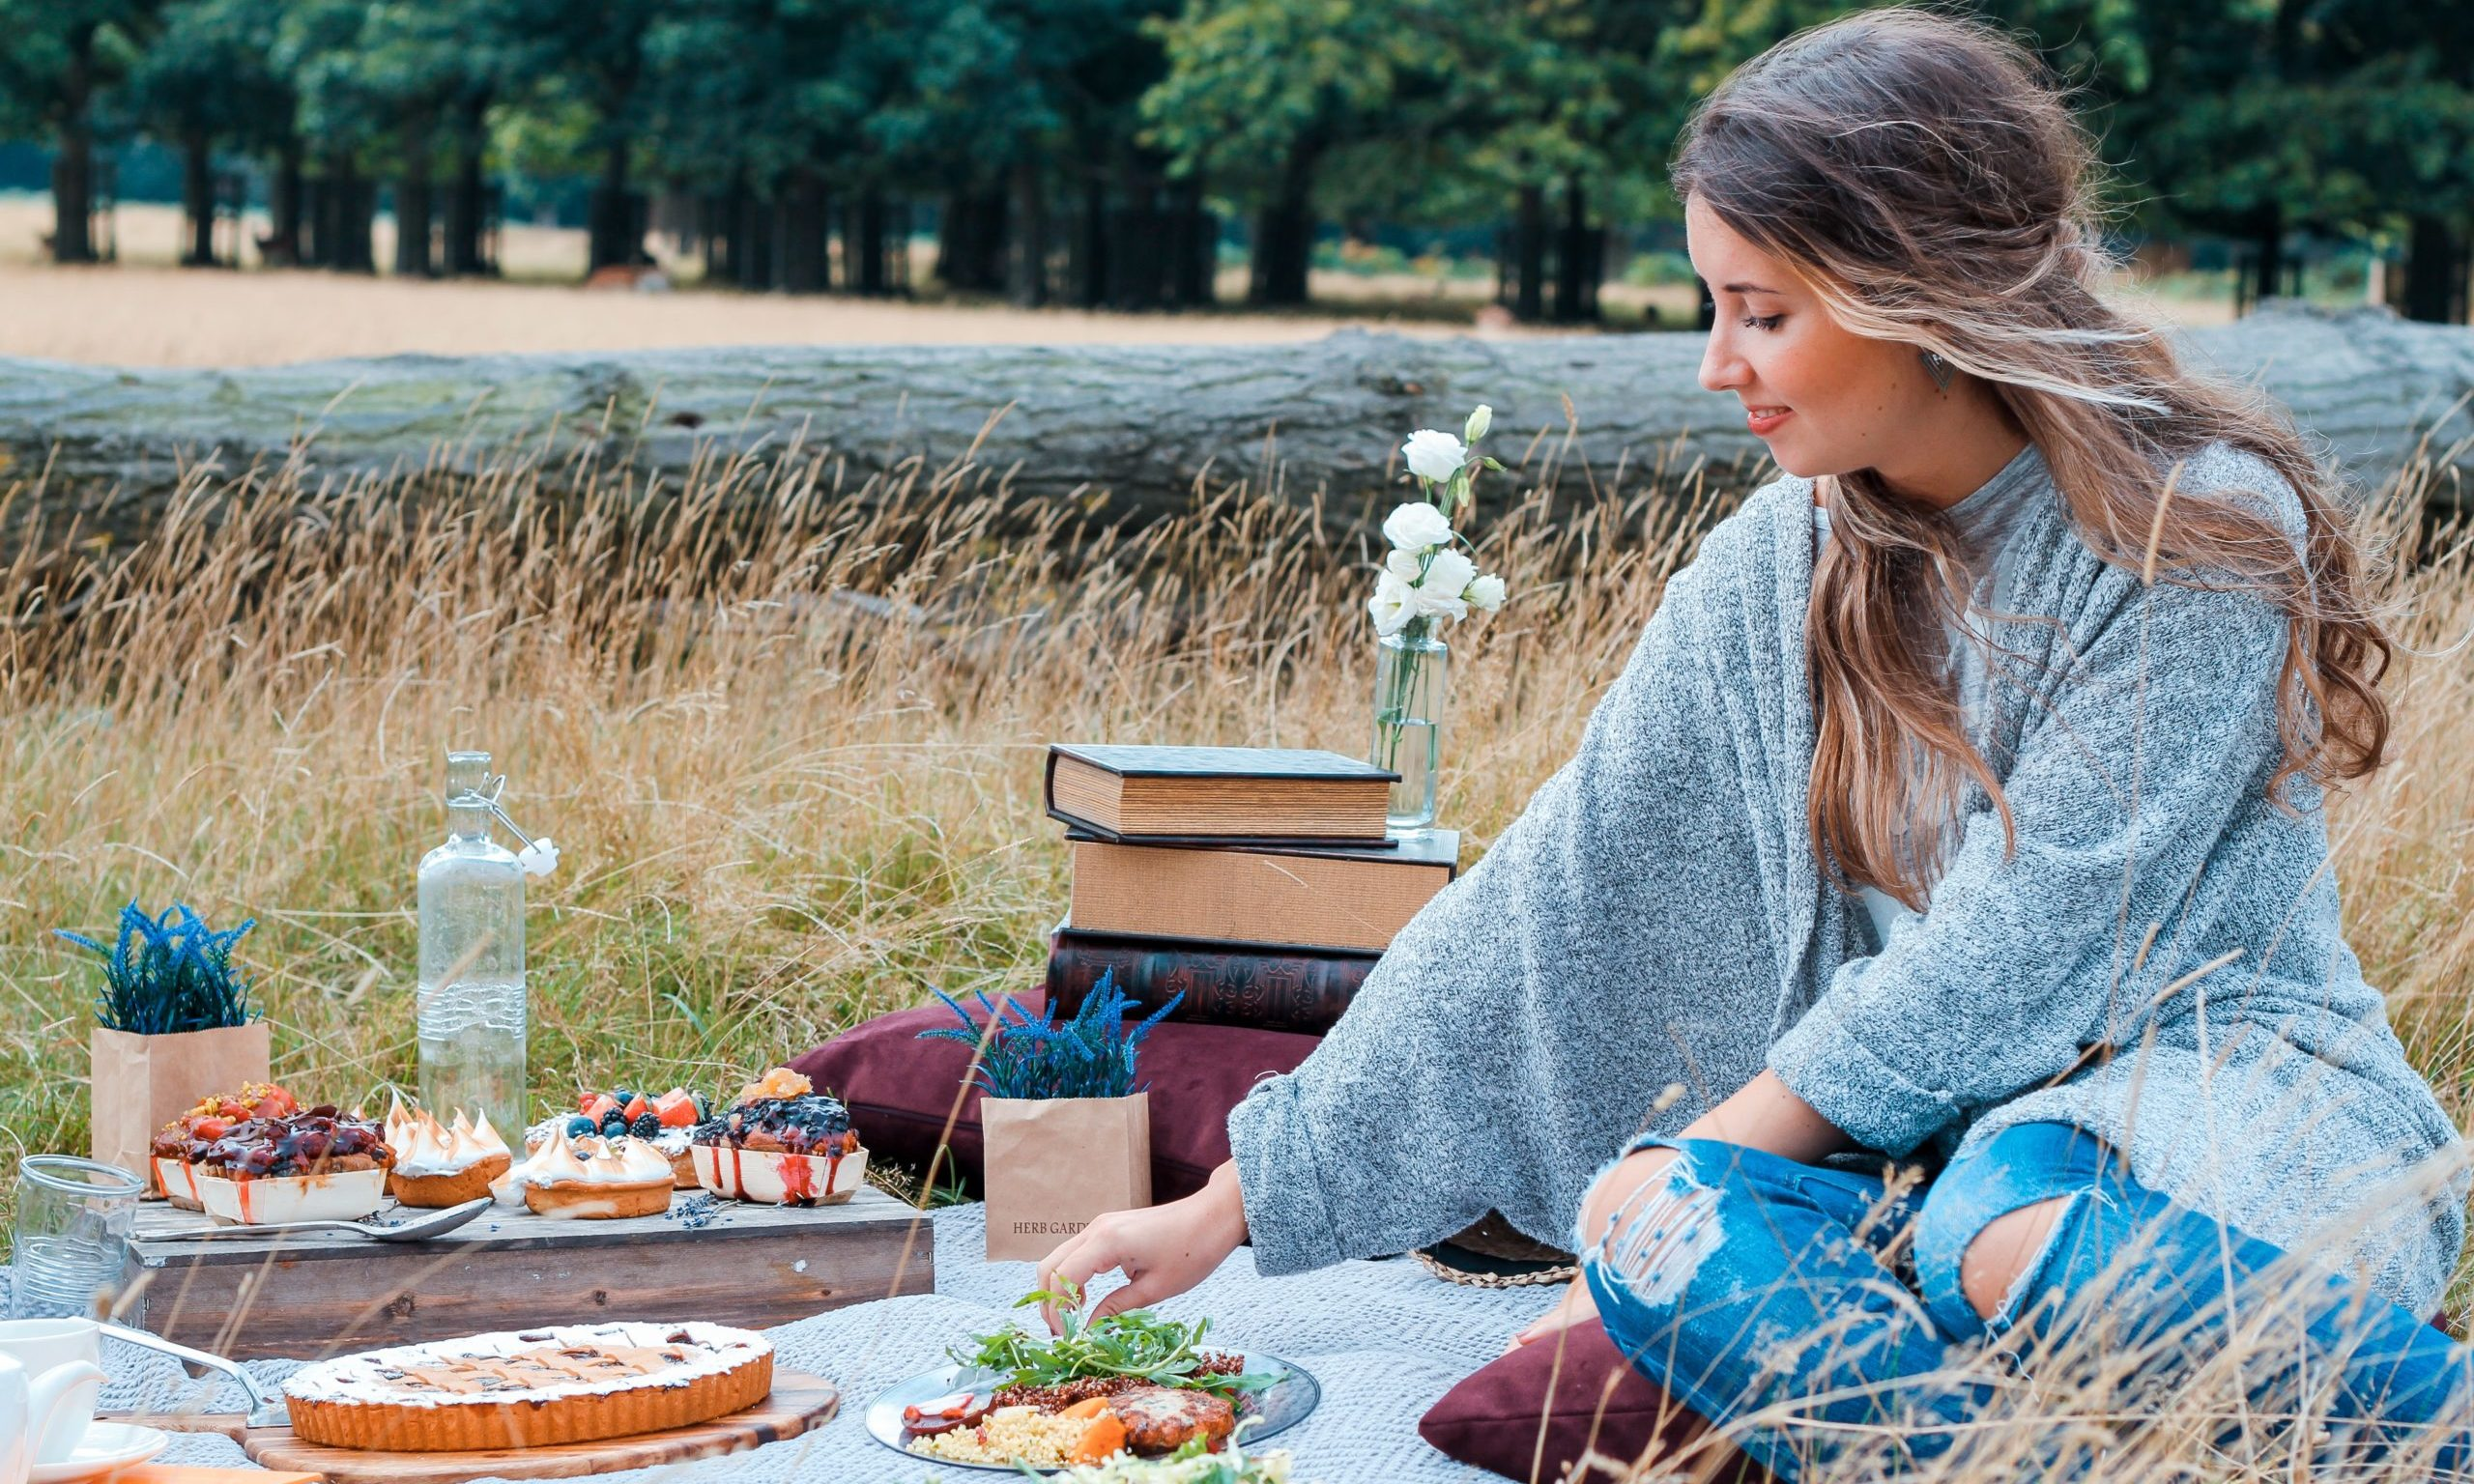 Nutira sin lactosa: chica comiendo durante picnic